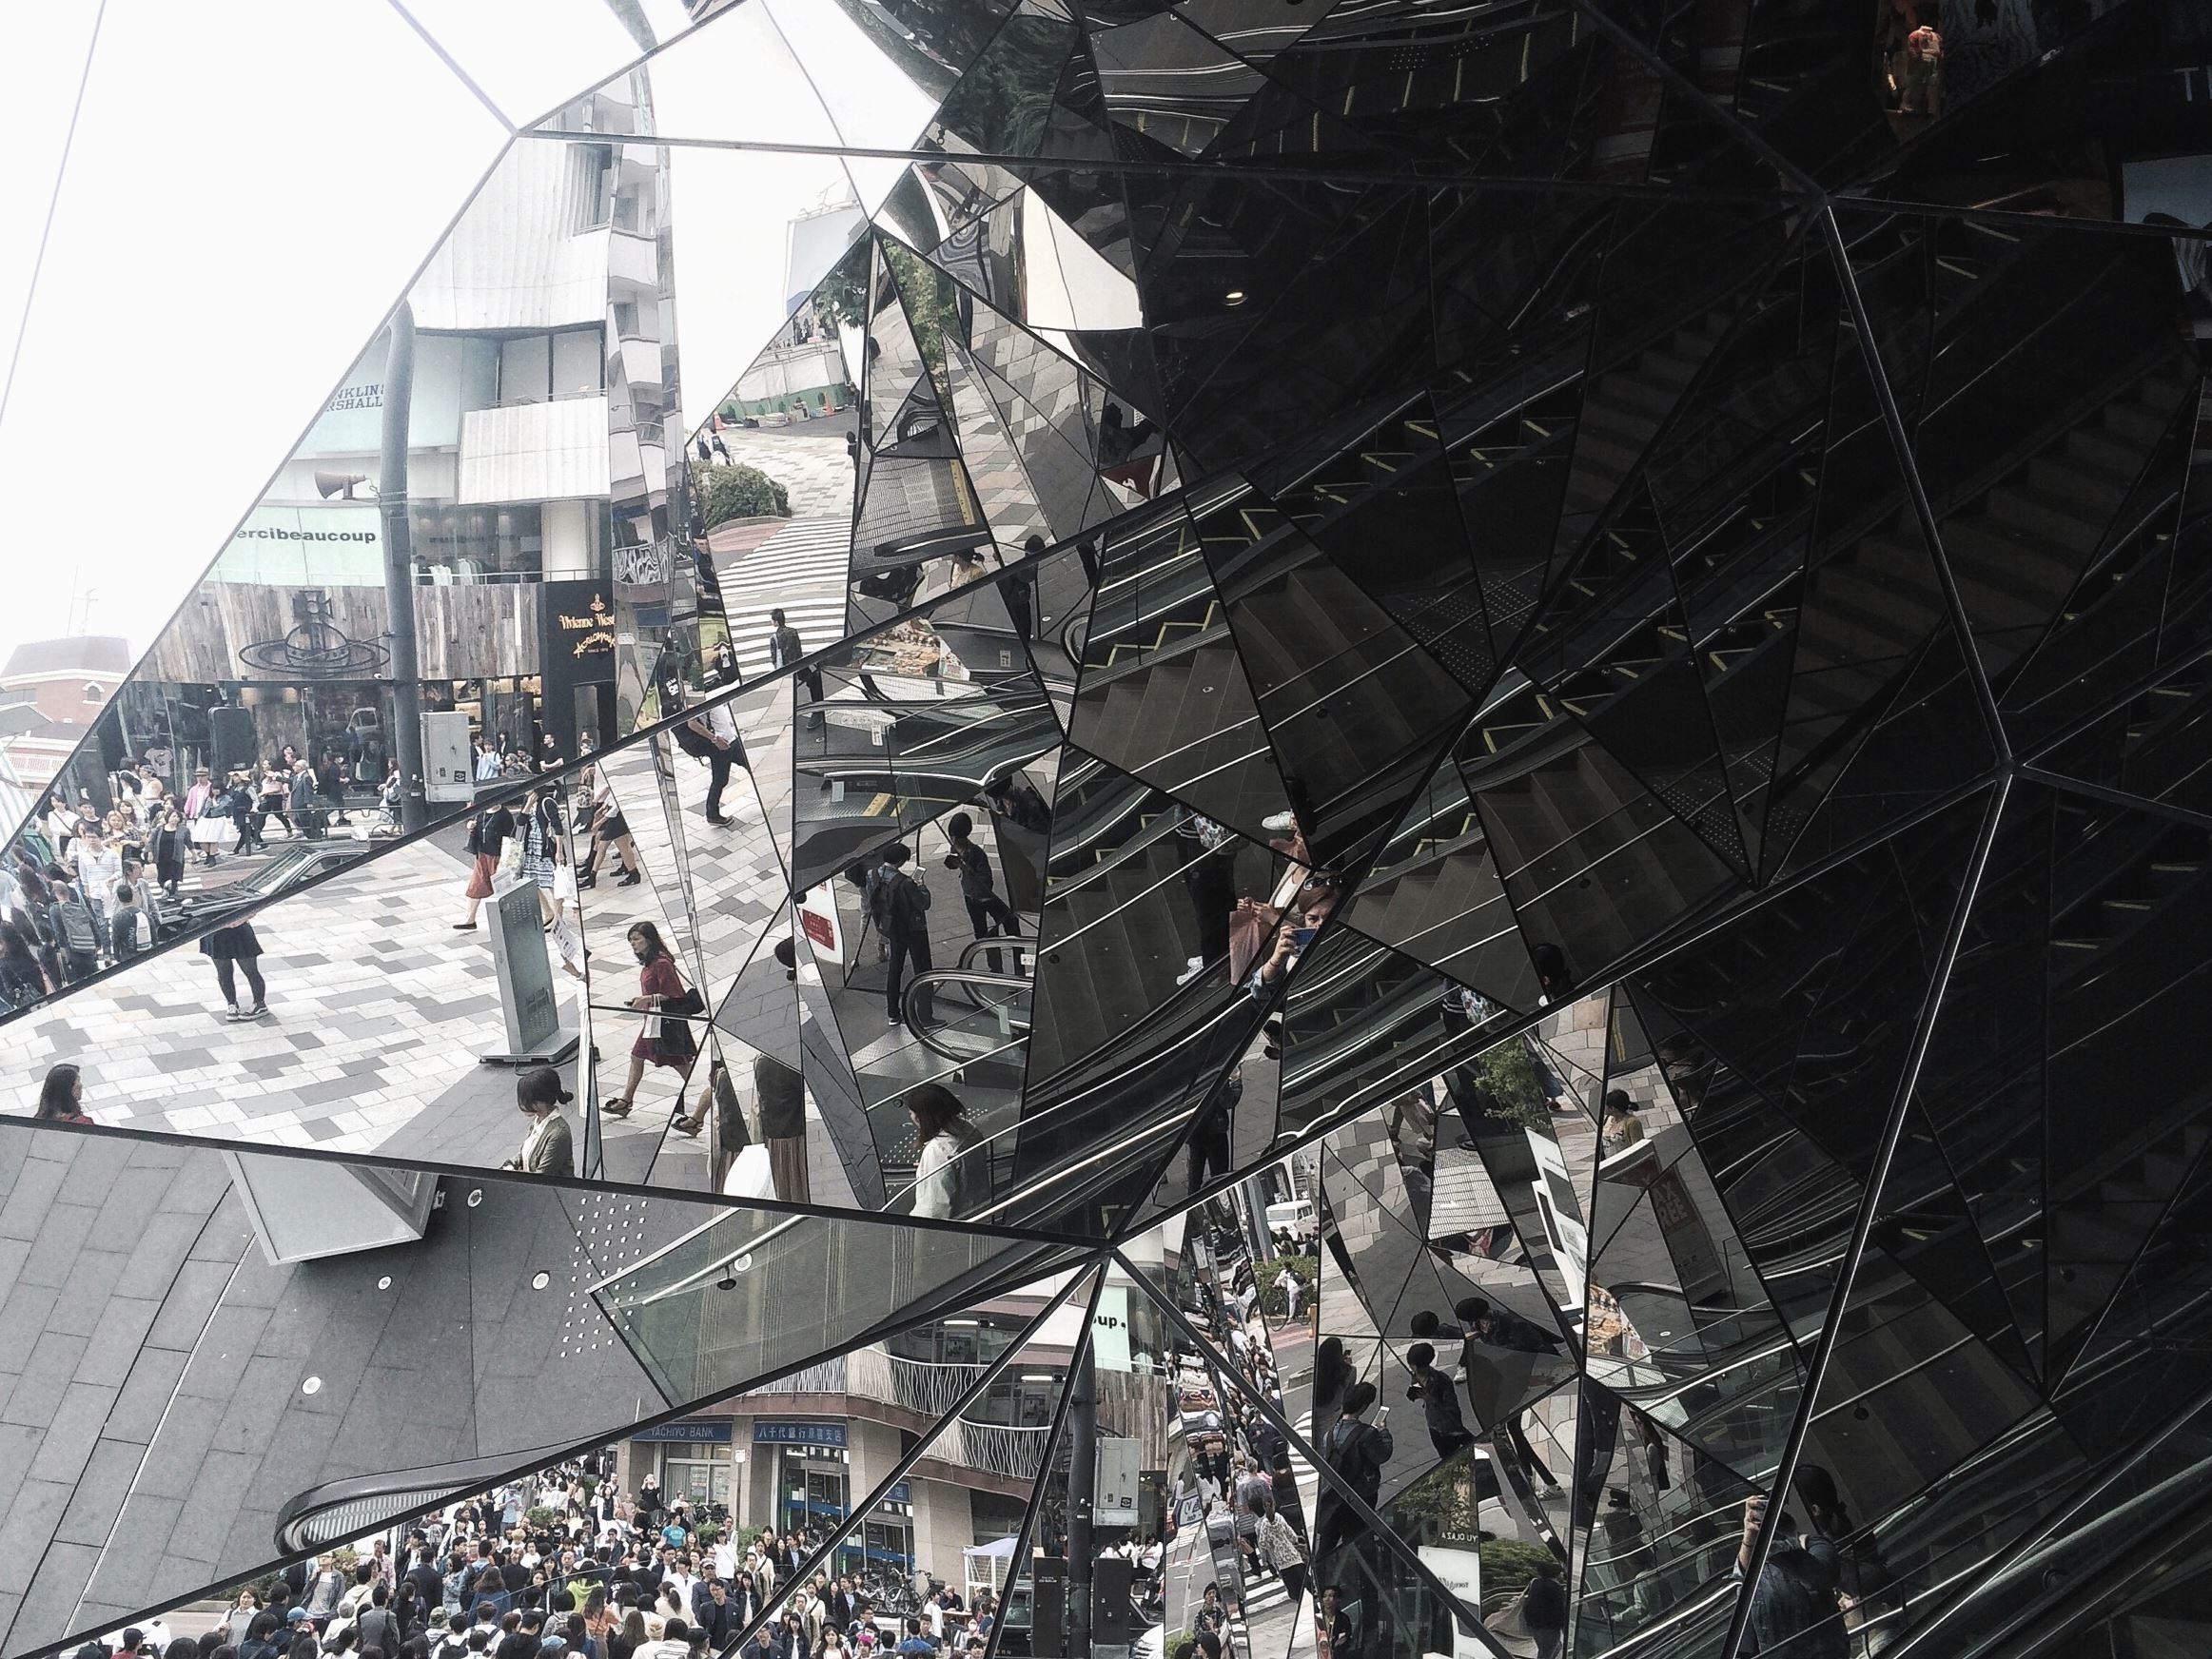 Spiegel Treppen kostenlose bild straße leute mann frau spiegel reflexion wand